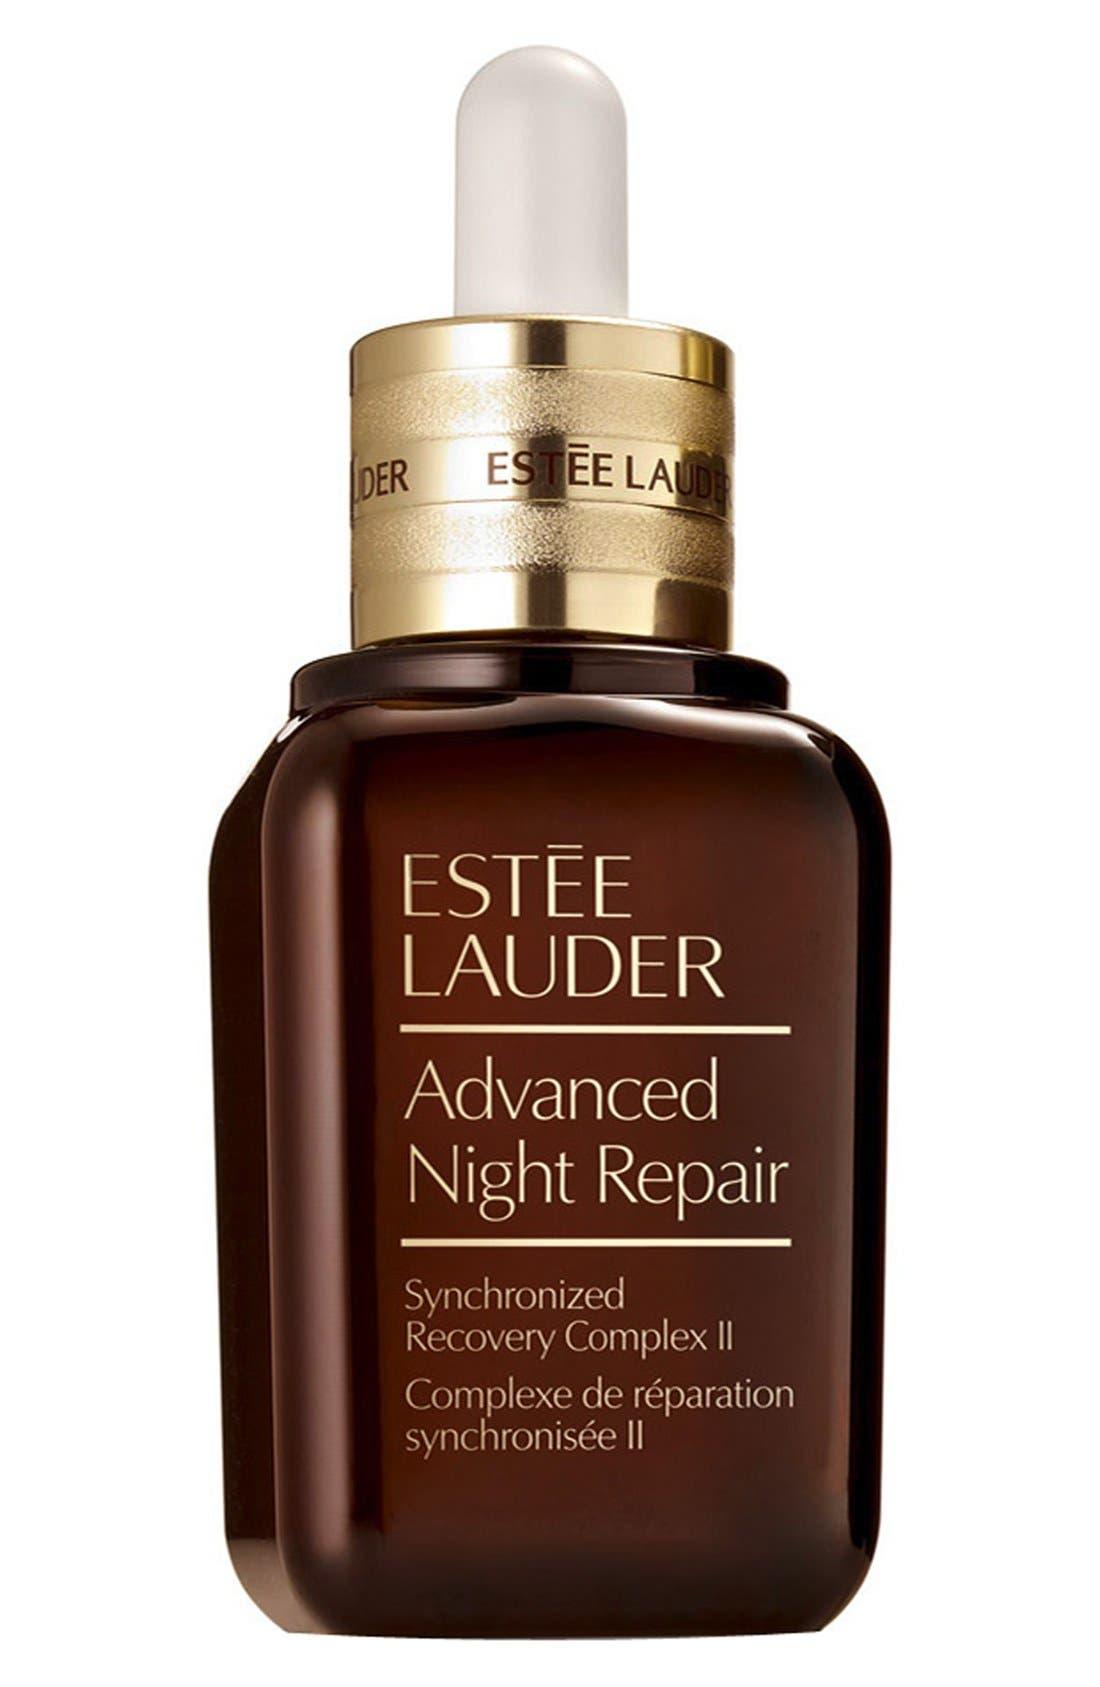 에스티 로더 갈색병 나이트리페어 6세대 3종 (30ml 50ml 115ml) - ESTÉE LAUDER Advanced Night Repair Synchronized Recovery Complex II